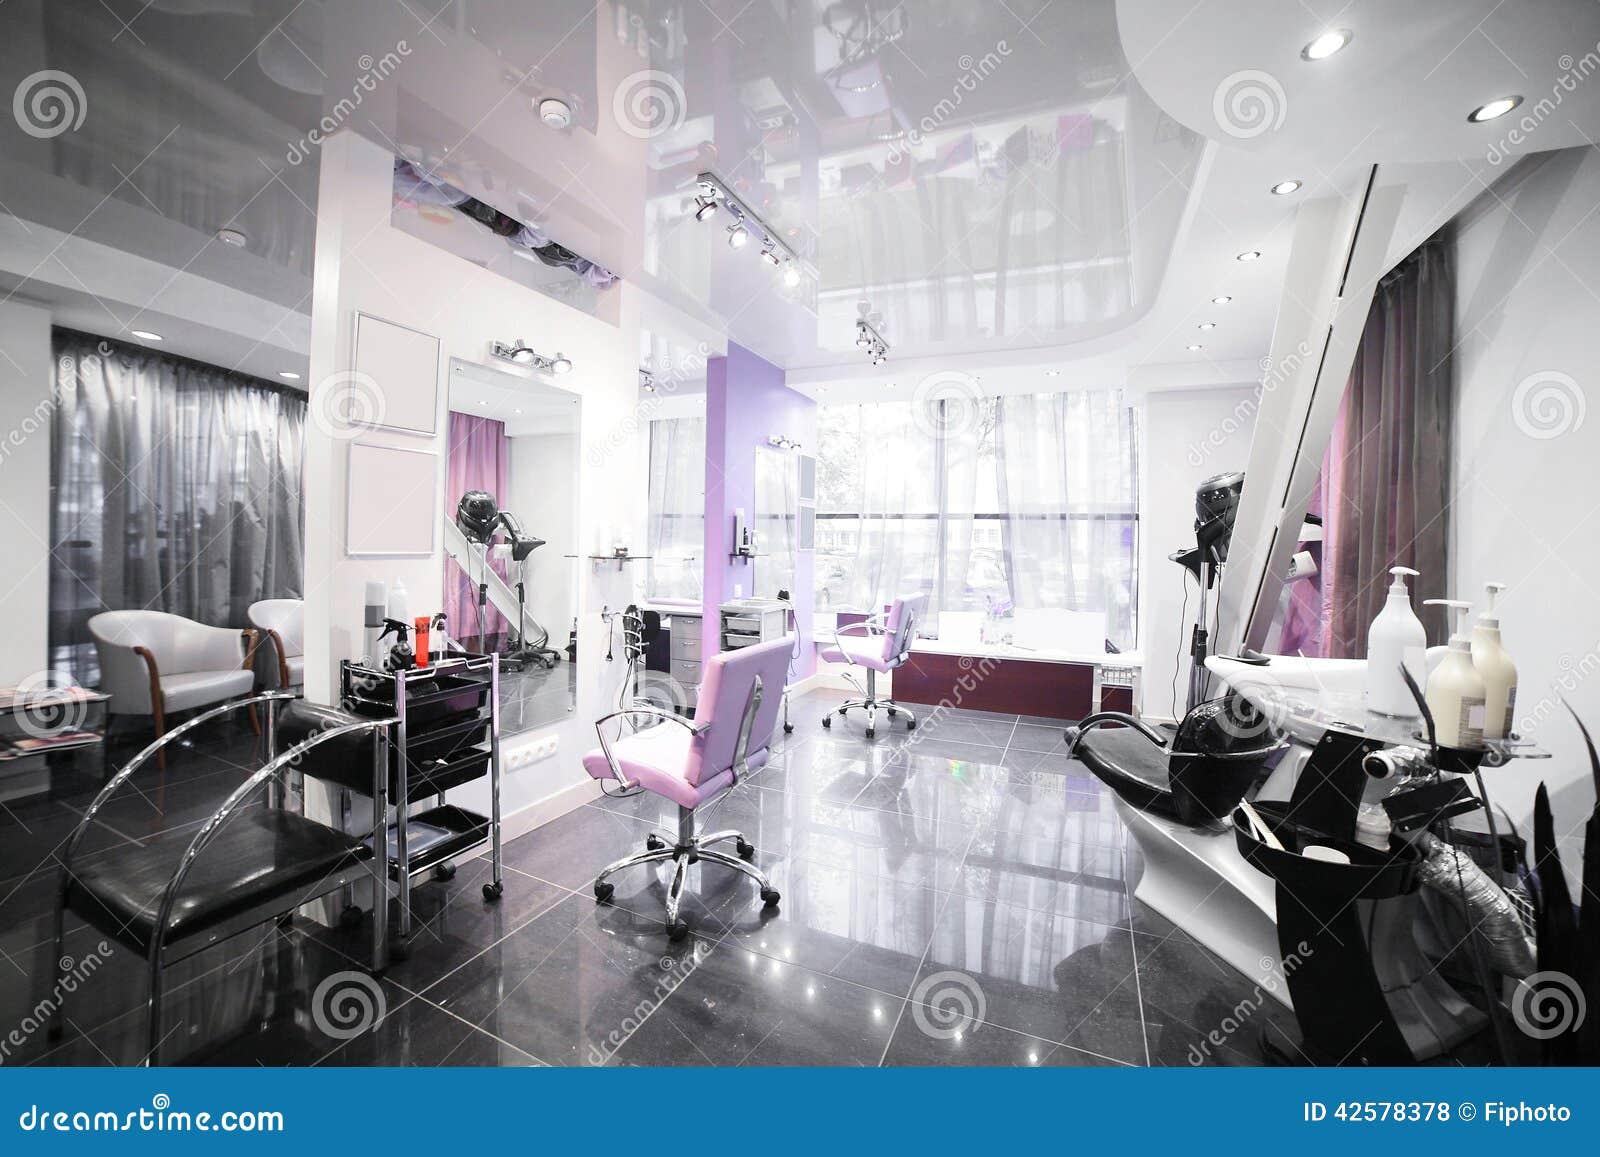 Decoracion de salones de belleza modernos for Decoracion cortinas salon moderno